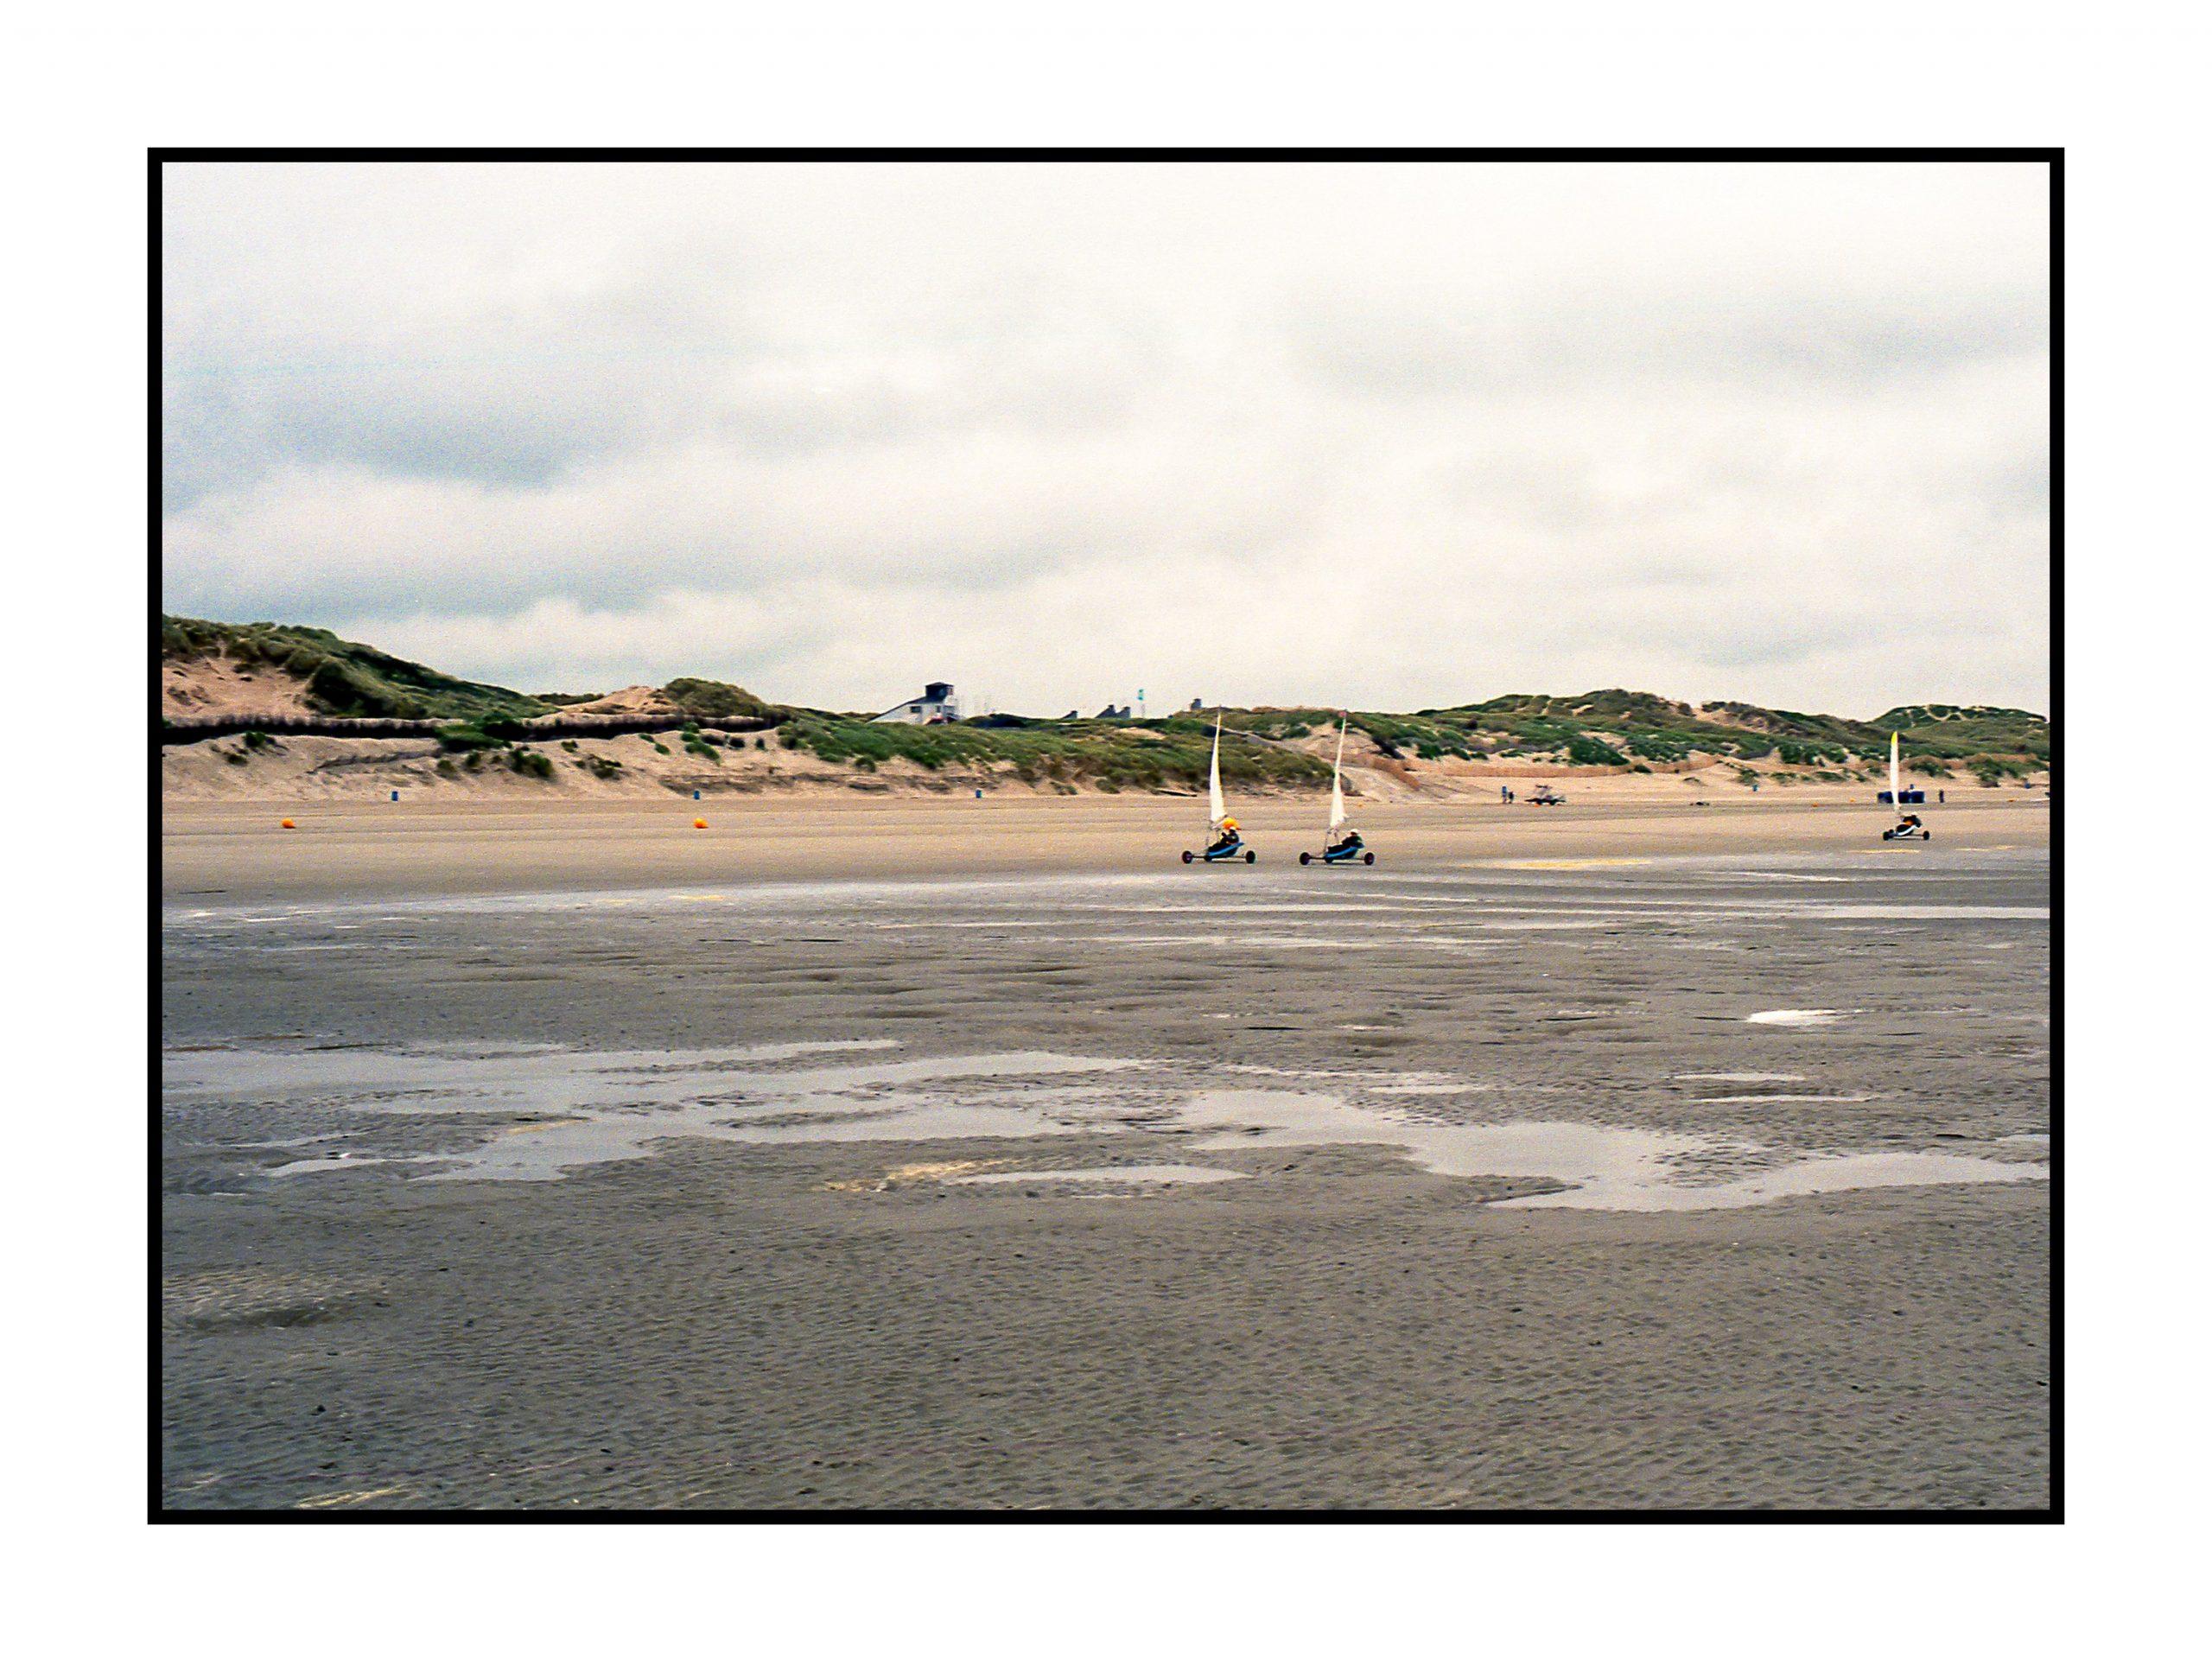 plage-de-fort-mahon-course-de-char-a-voile